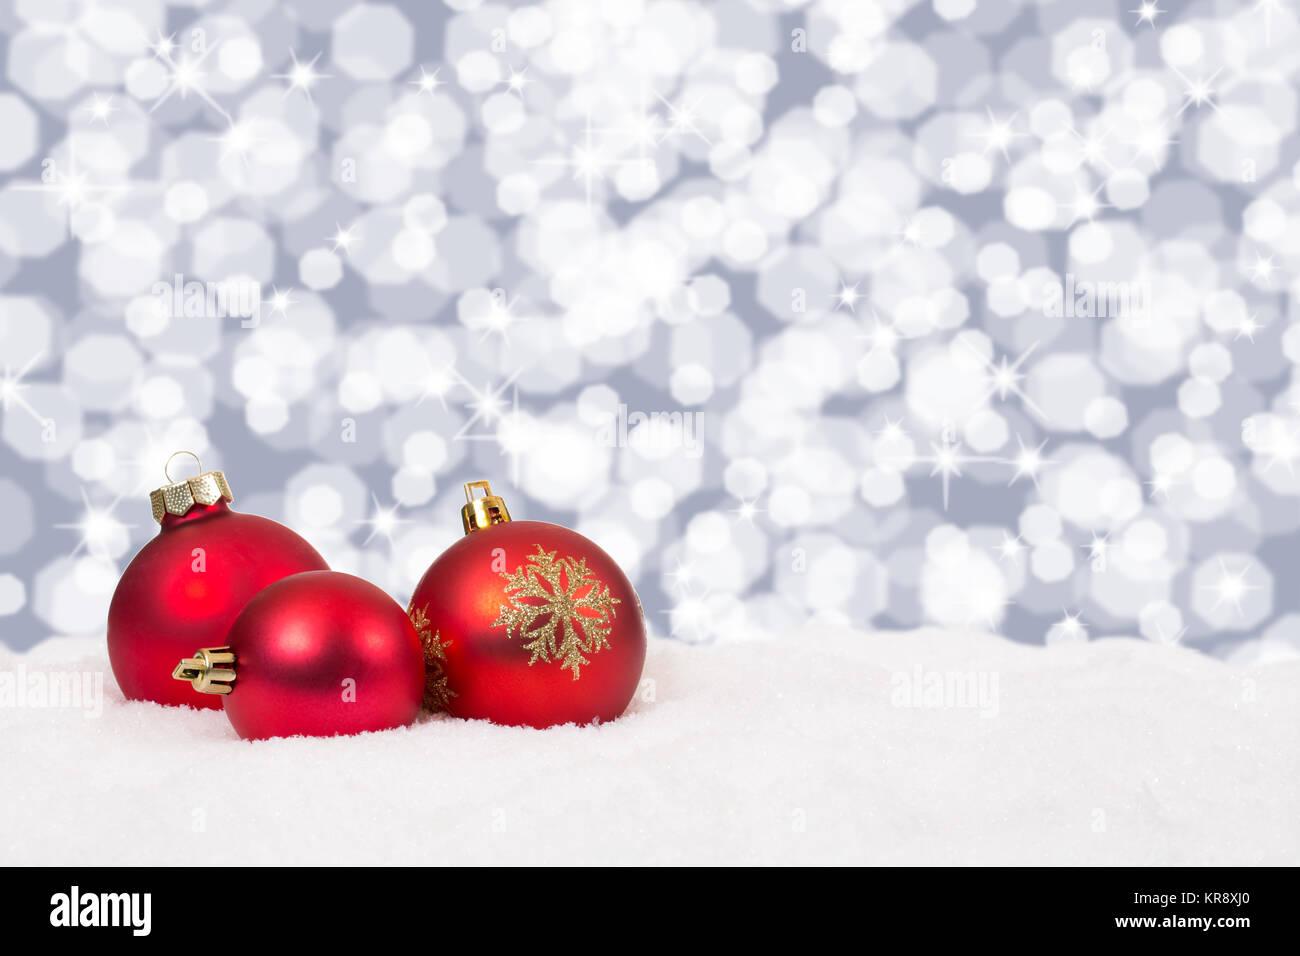 Rote Weihnachtskarten.Rote Weihnachtskugeln Weihnachten Hintergrund Weihnachtskarte Stock